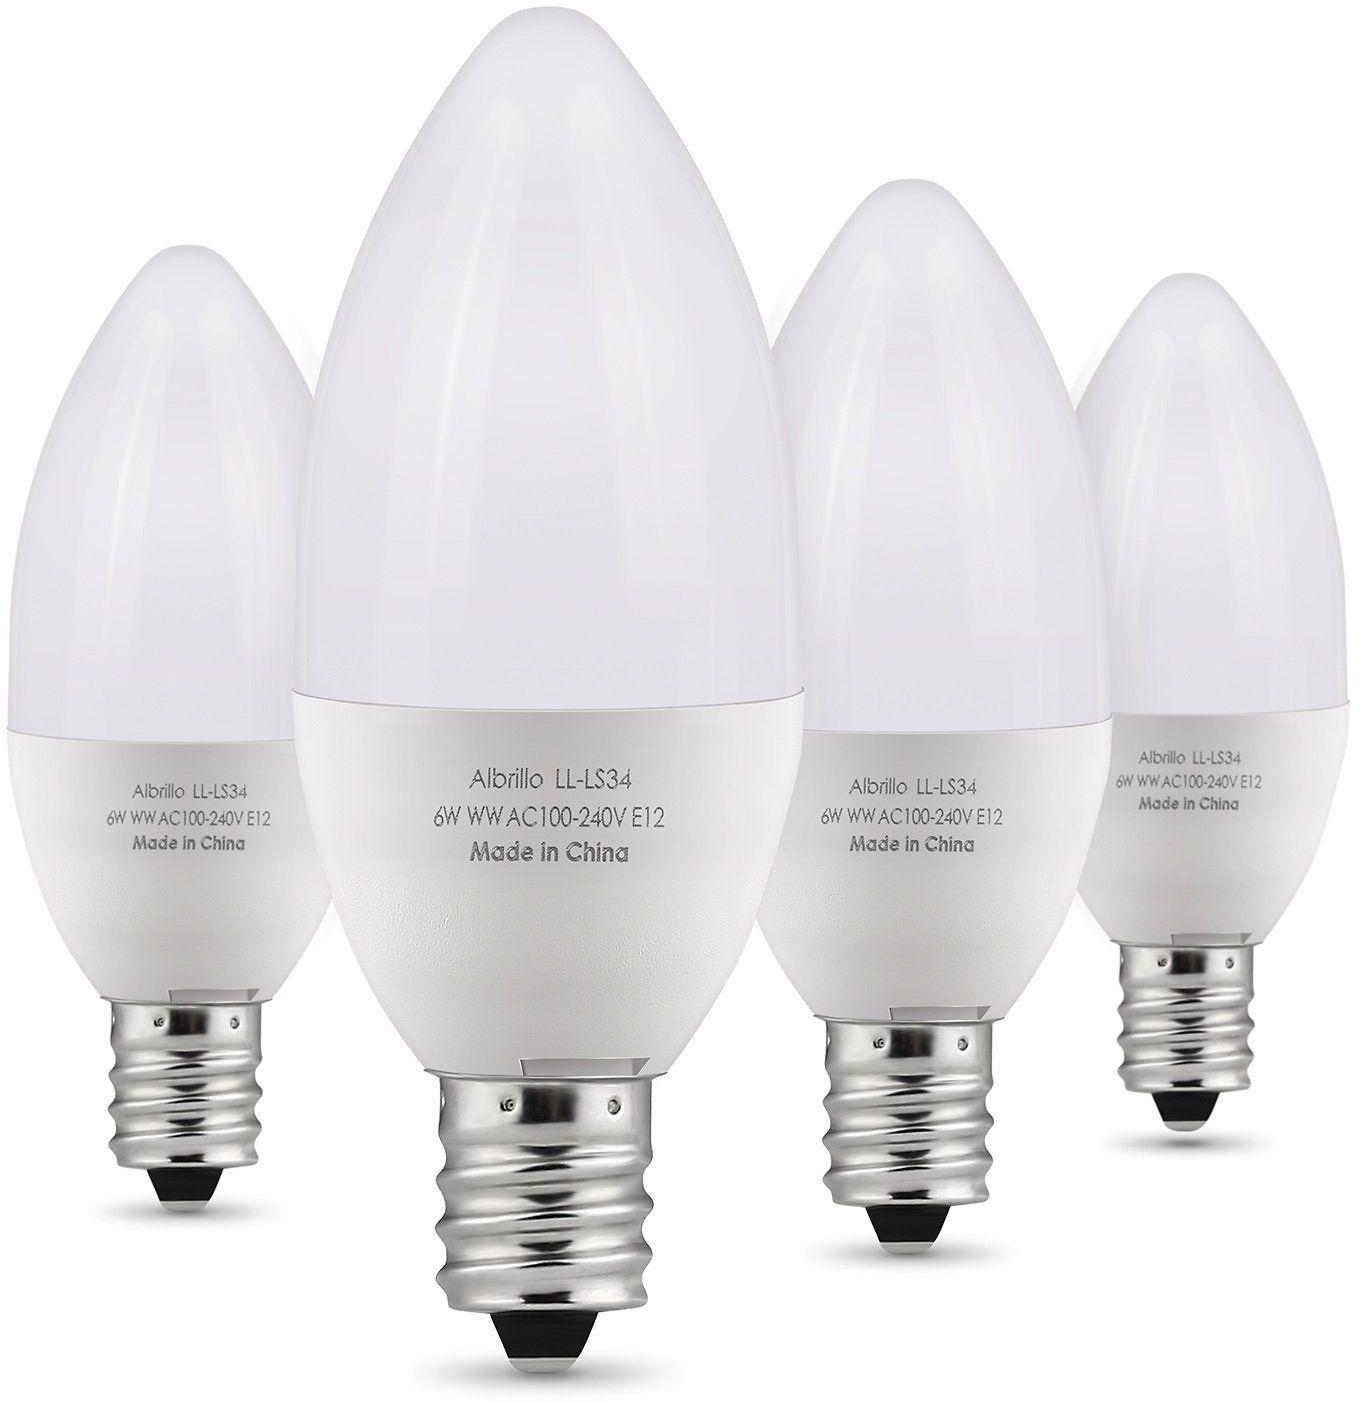 60 Watt Candelabra Incandescent Bulbs